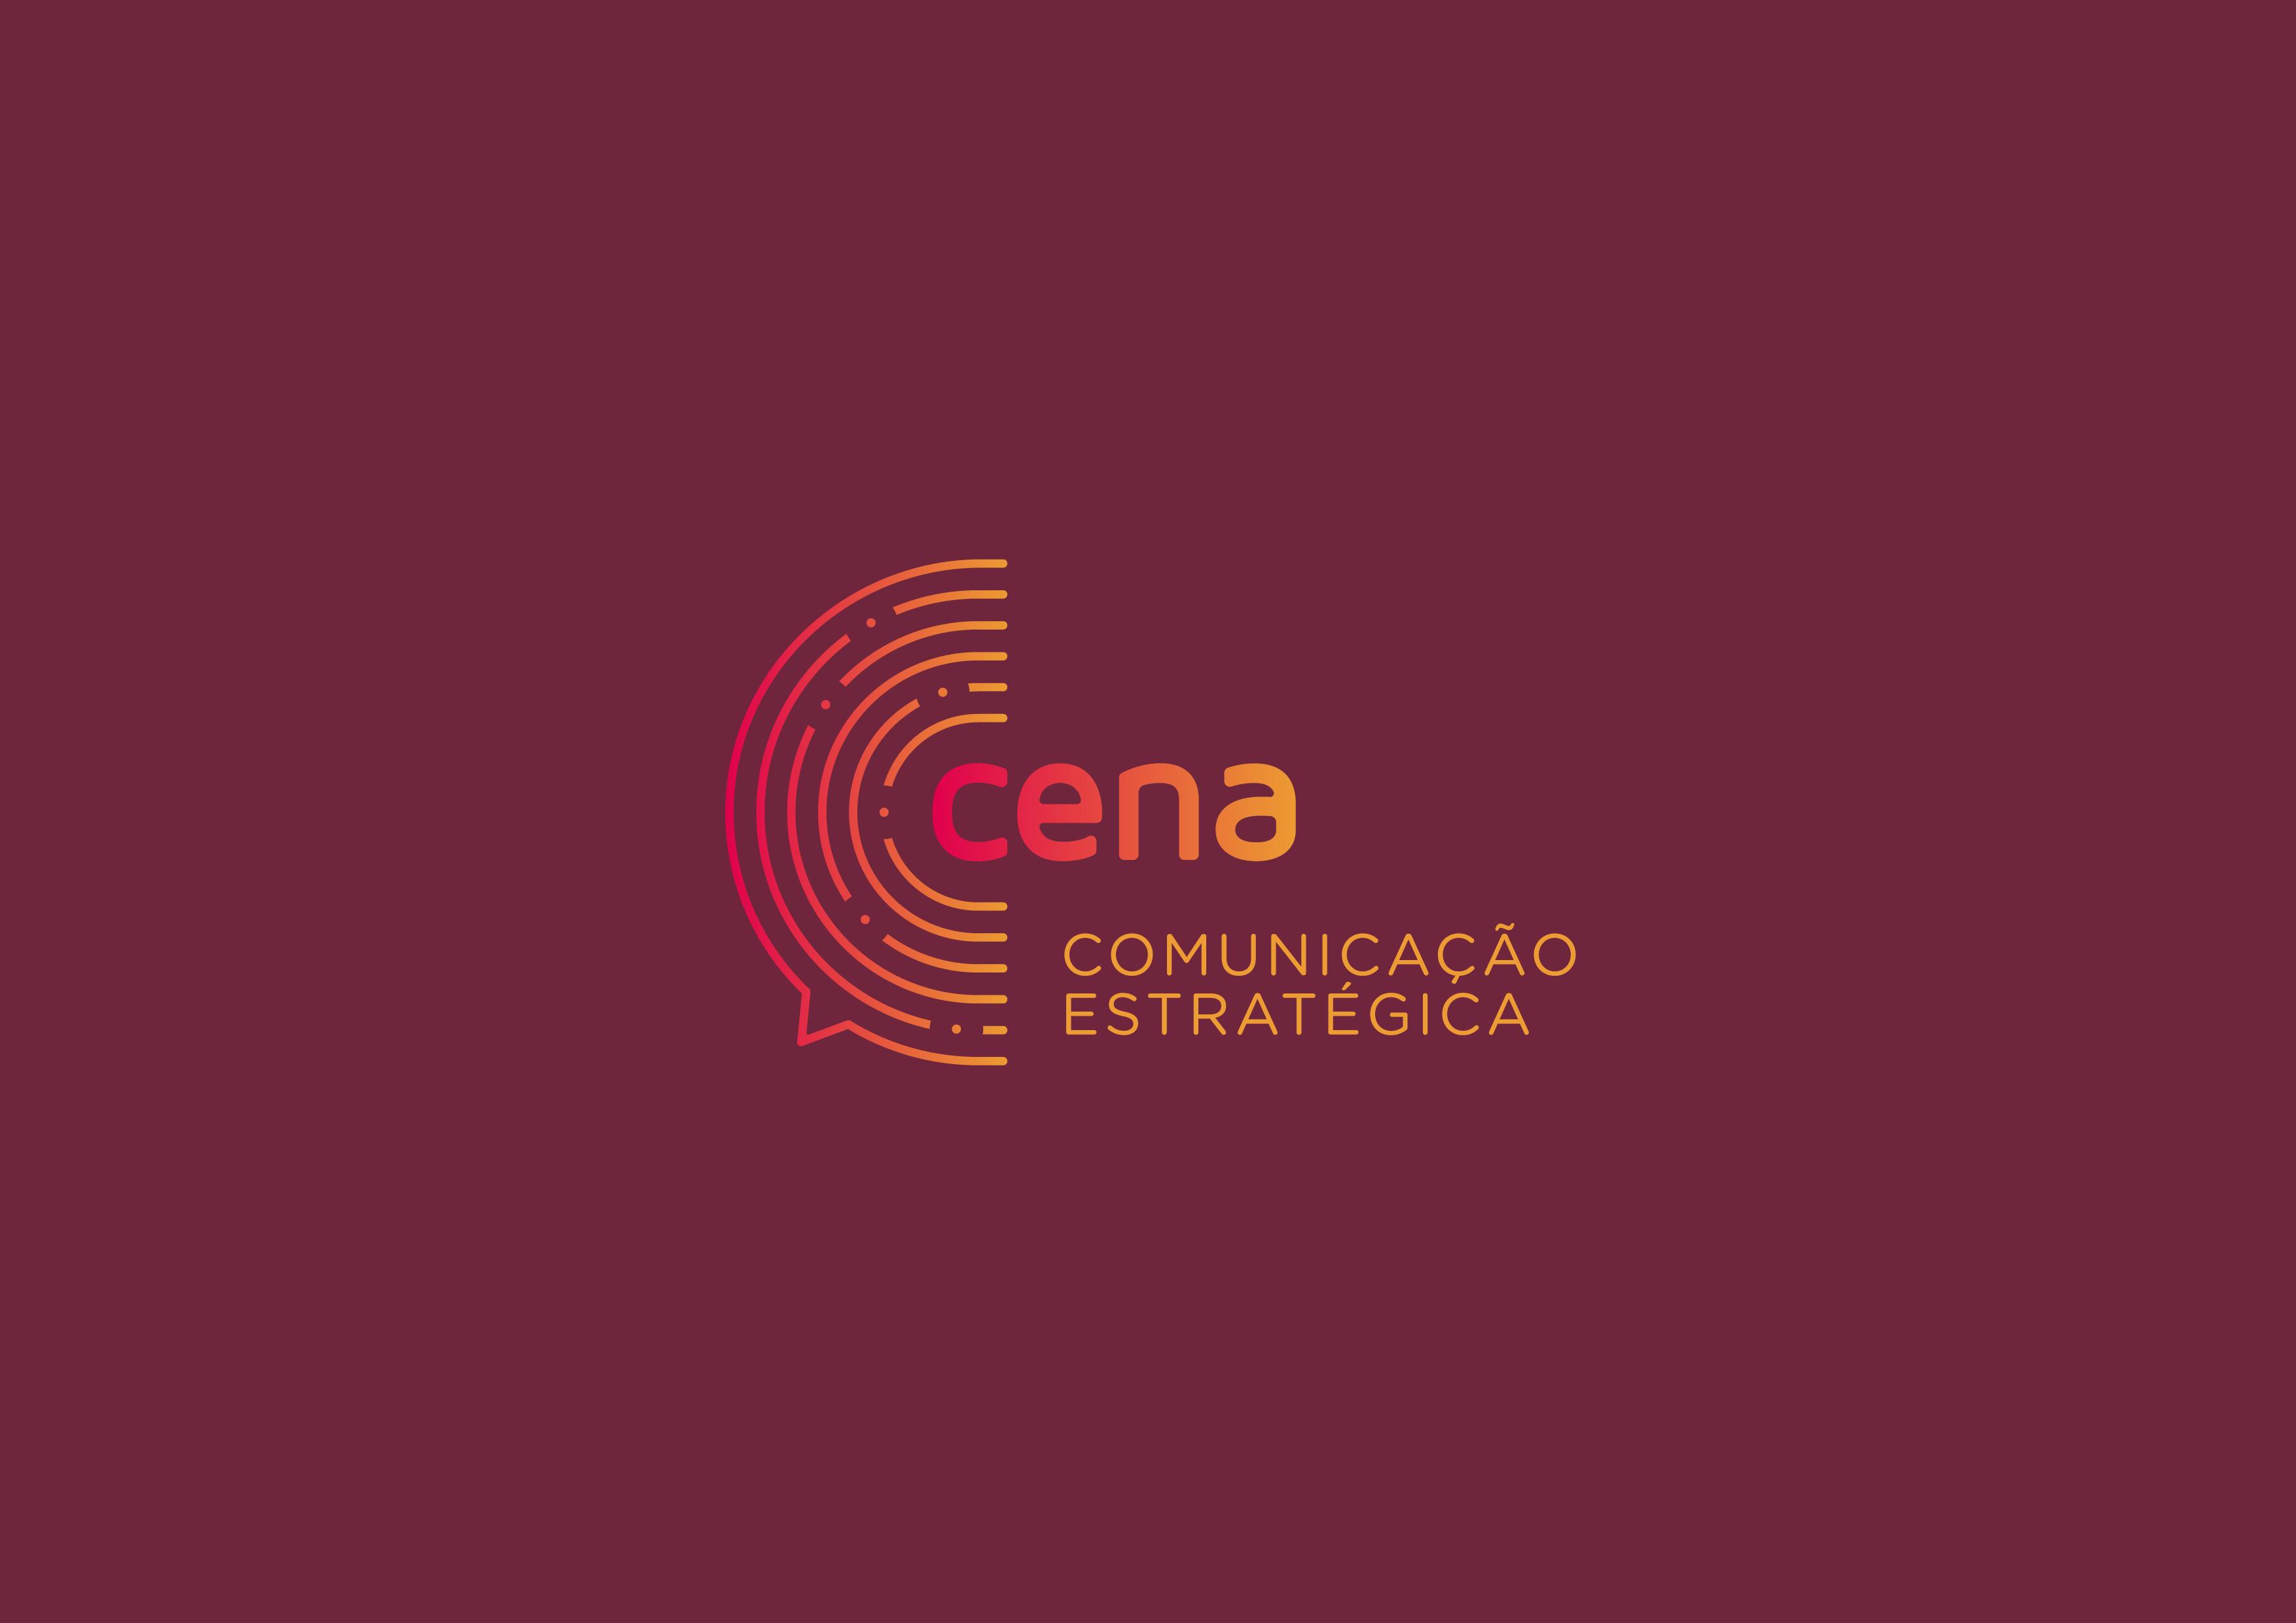 AF-CENA-MARCA-COLOR-VERSOES_NEGATIVAS-RGB-02